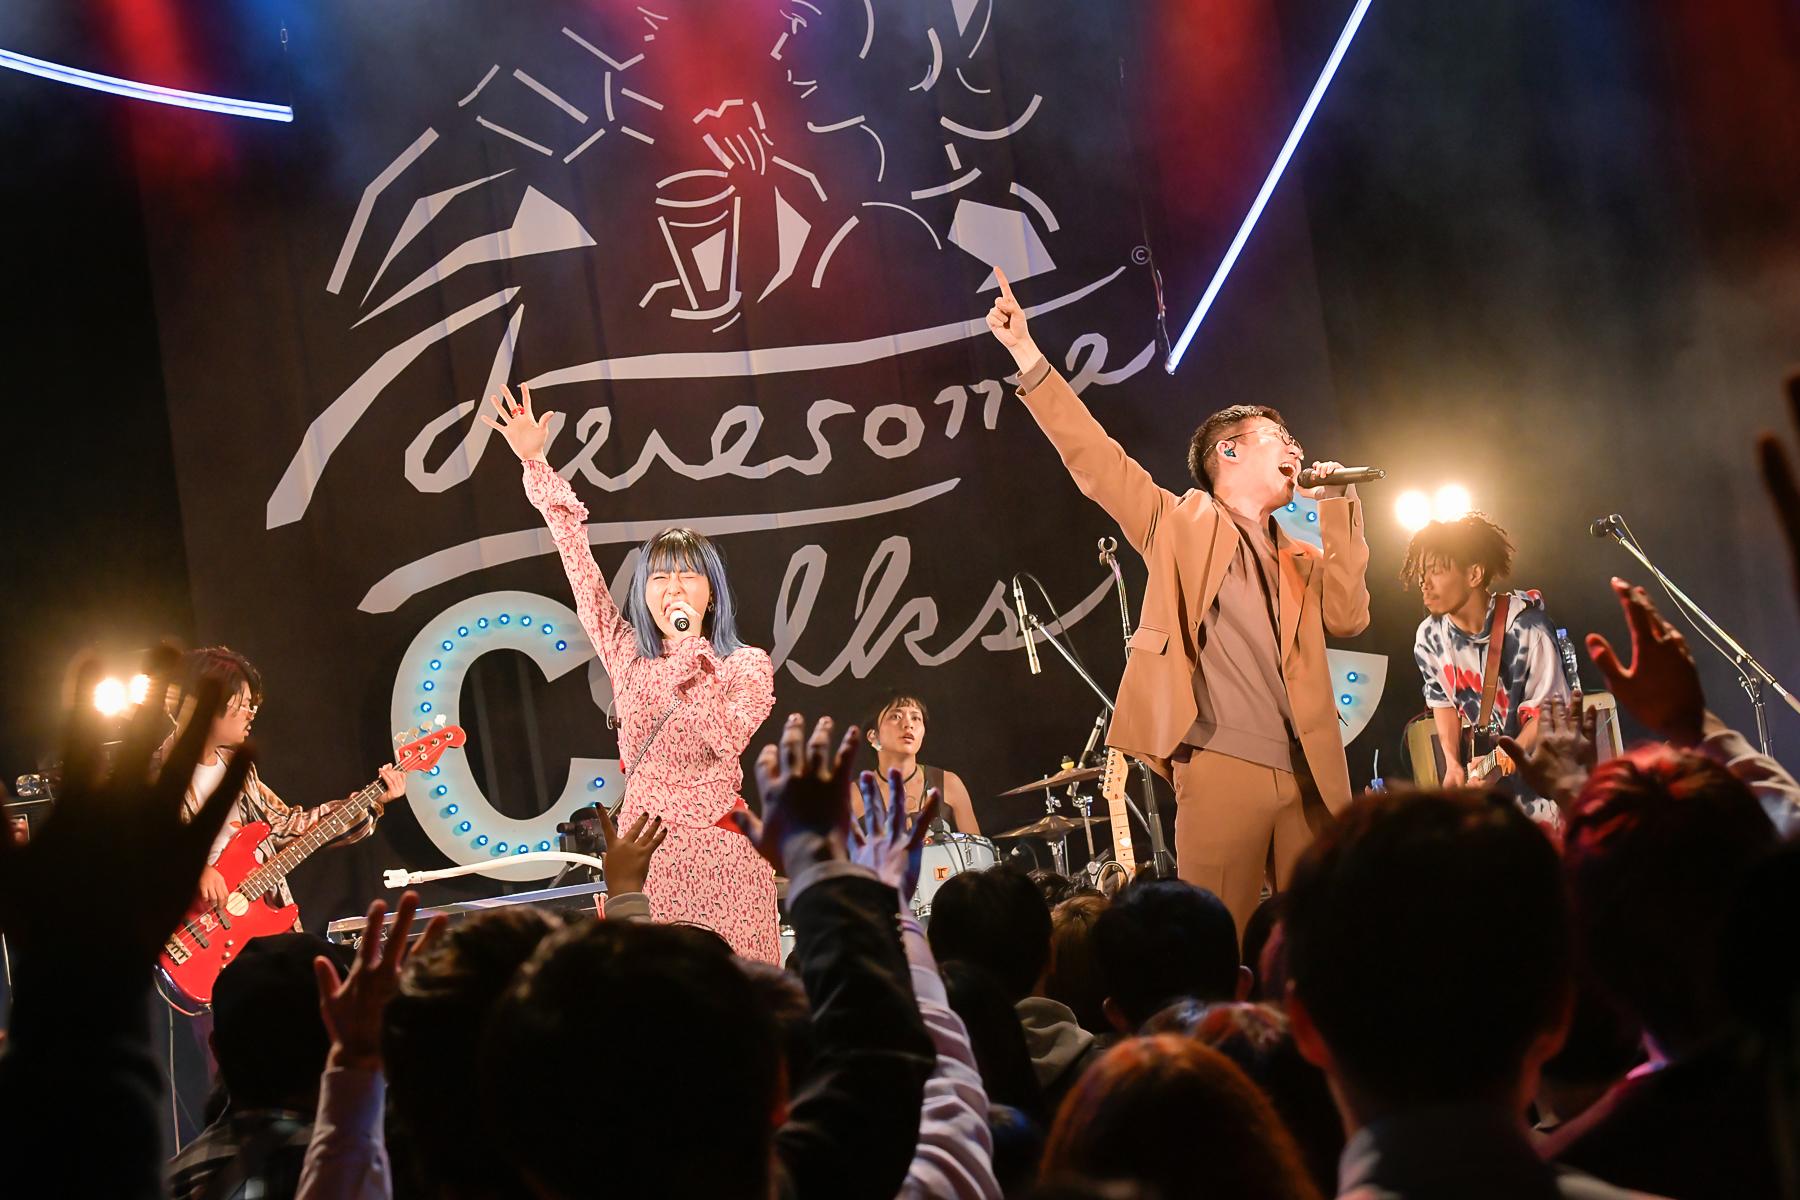 Awesome City Club PHOTO by KAZUMICHI KOKEI